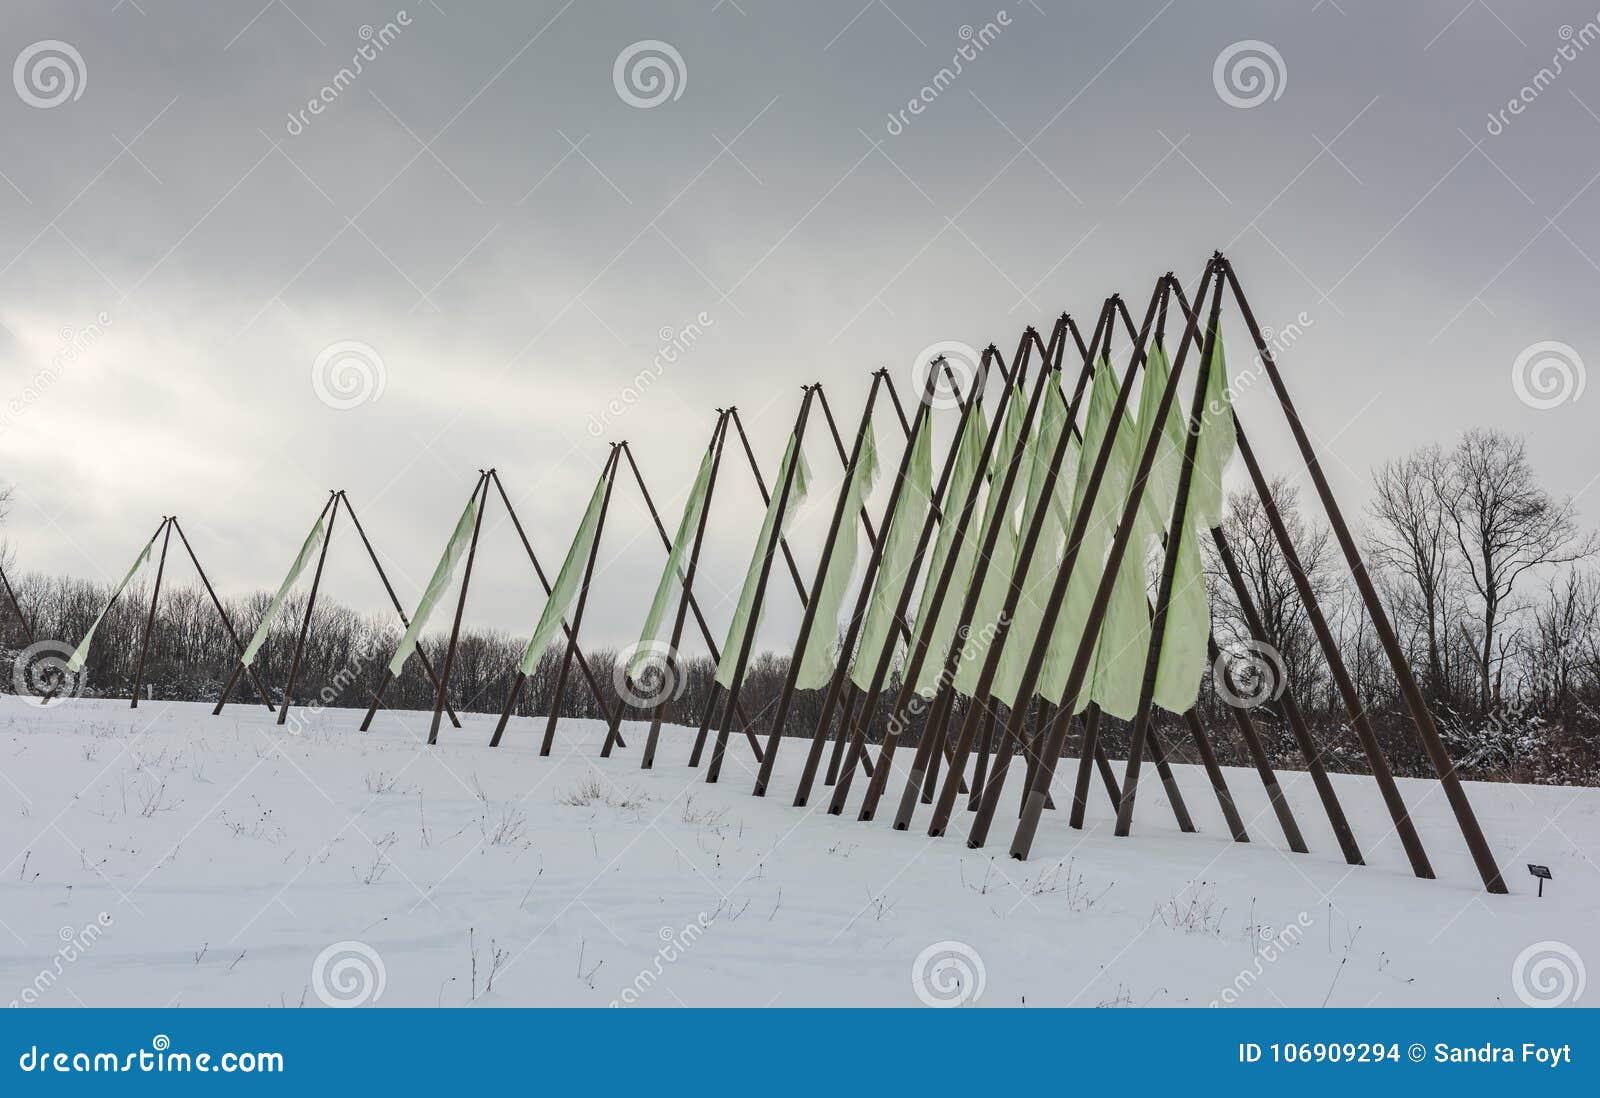 Trzeci iteracja Cazenovia, NY - Kamienny łupu wzgórza sztuki park -